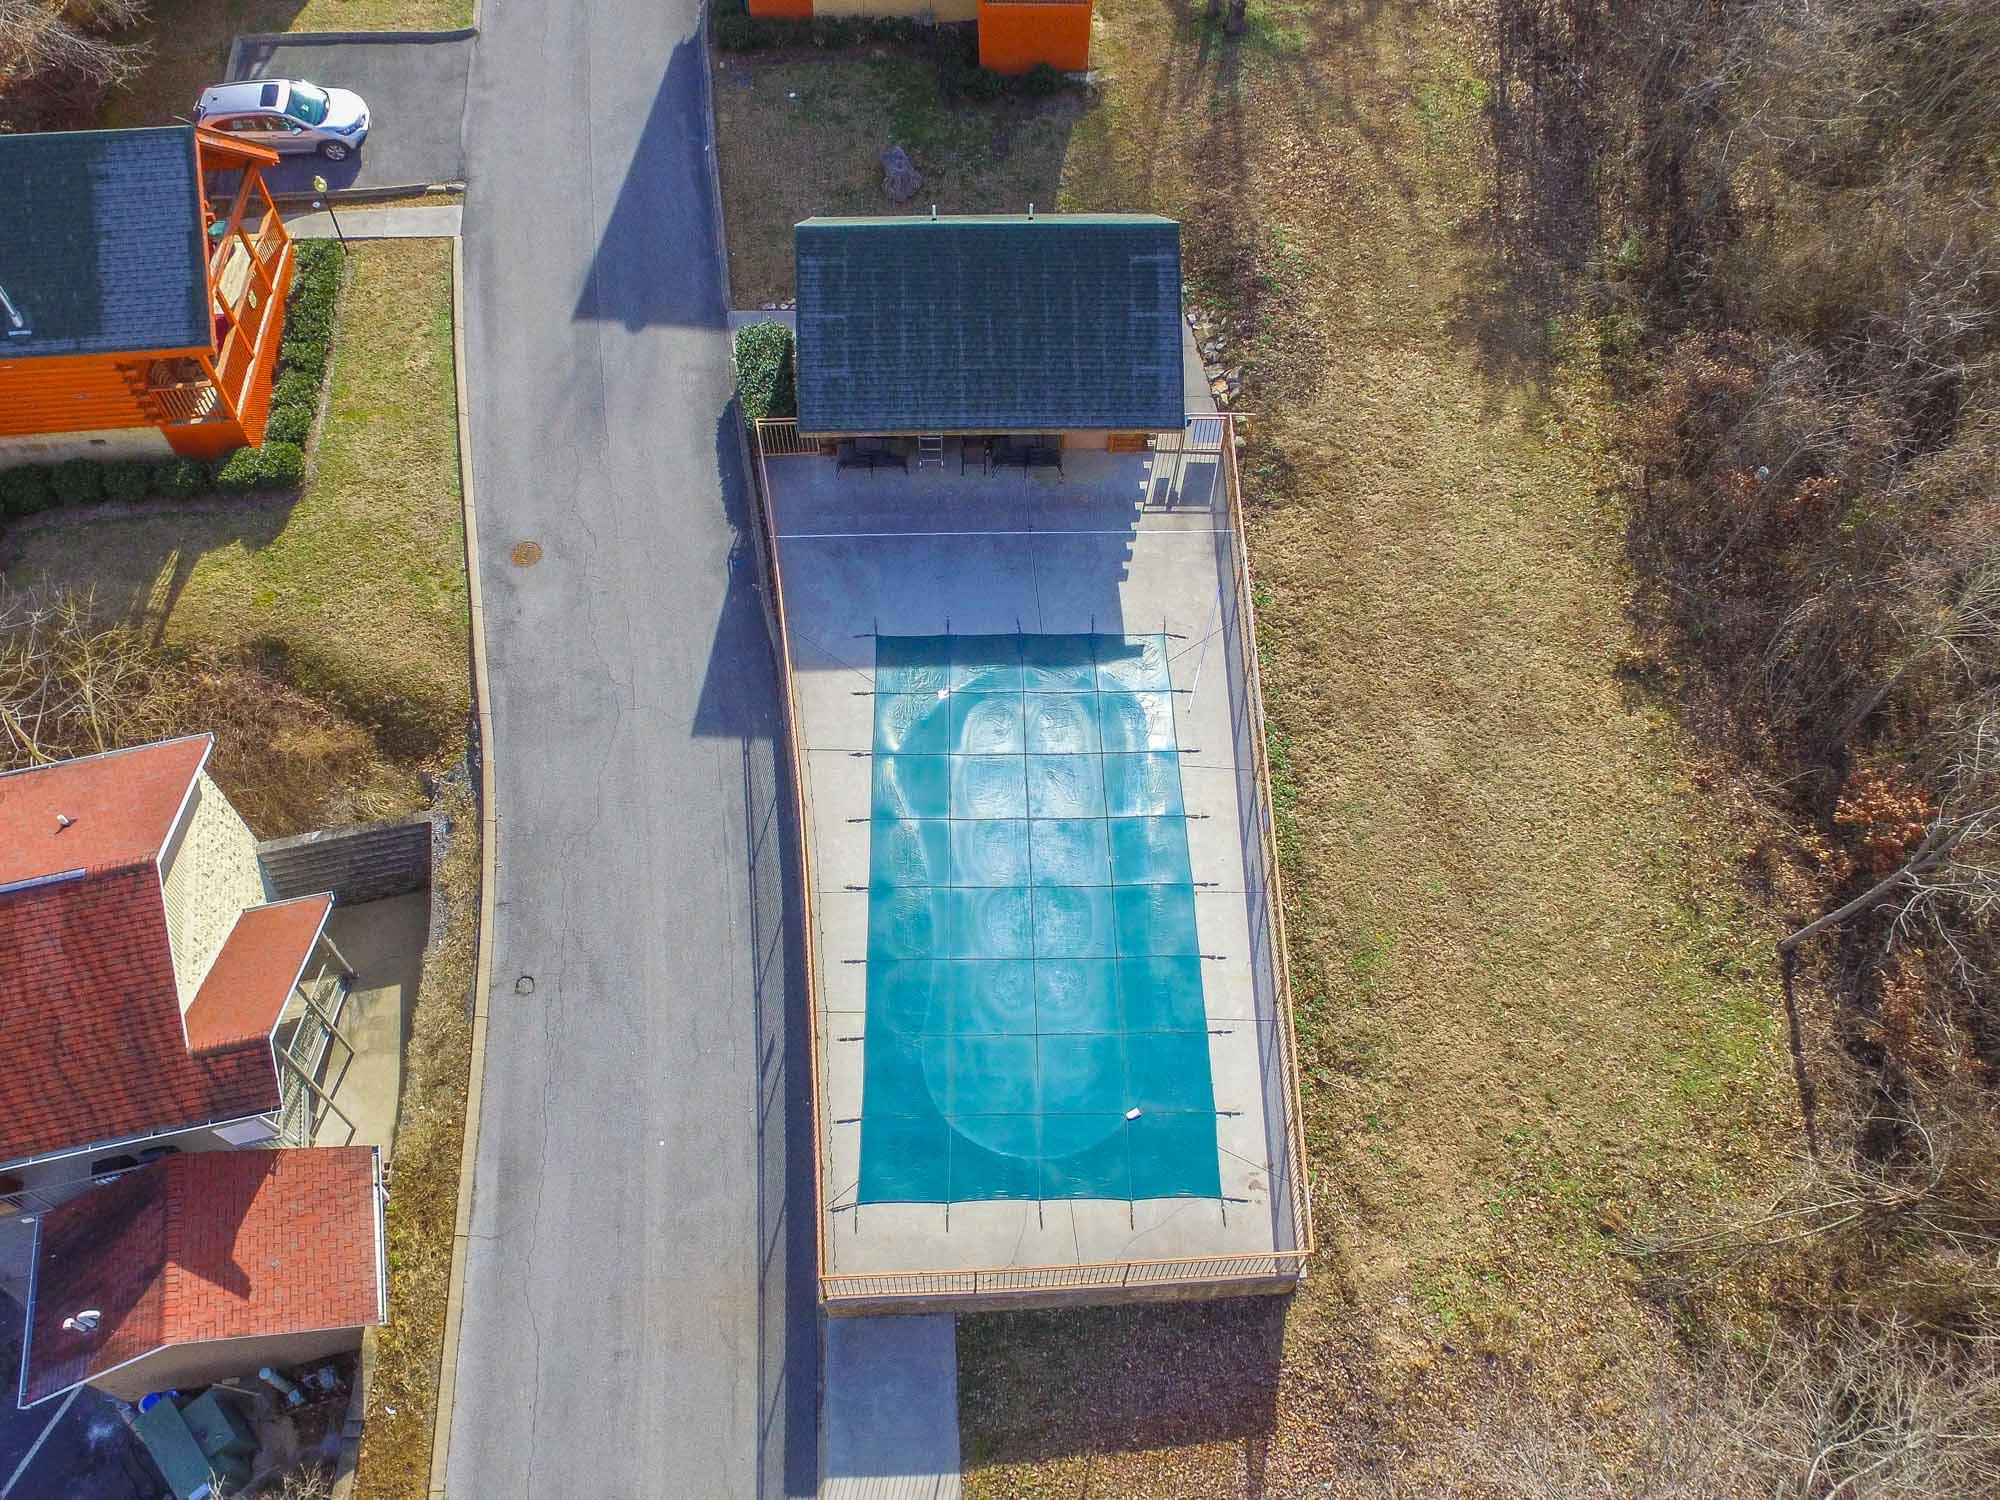 Pin Oak Resort pool